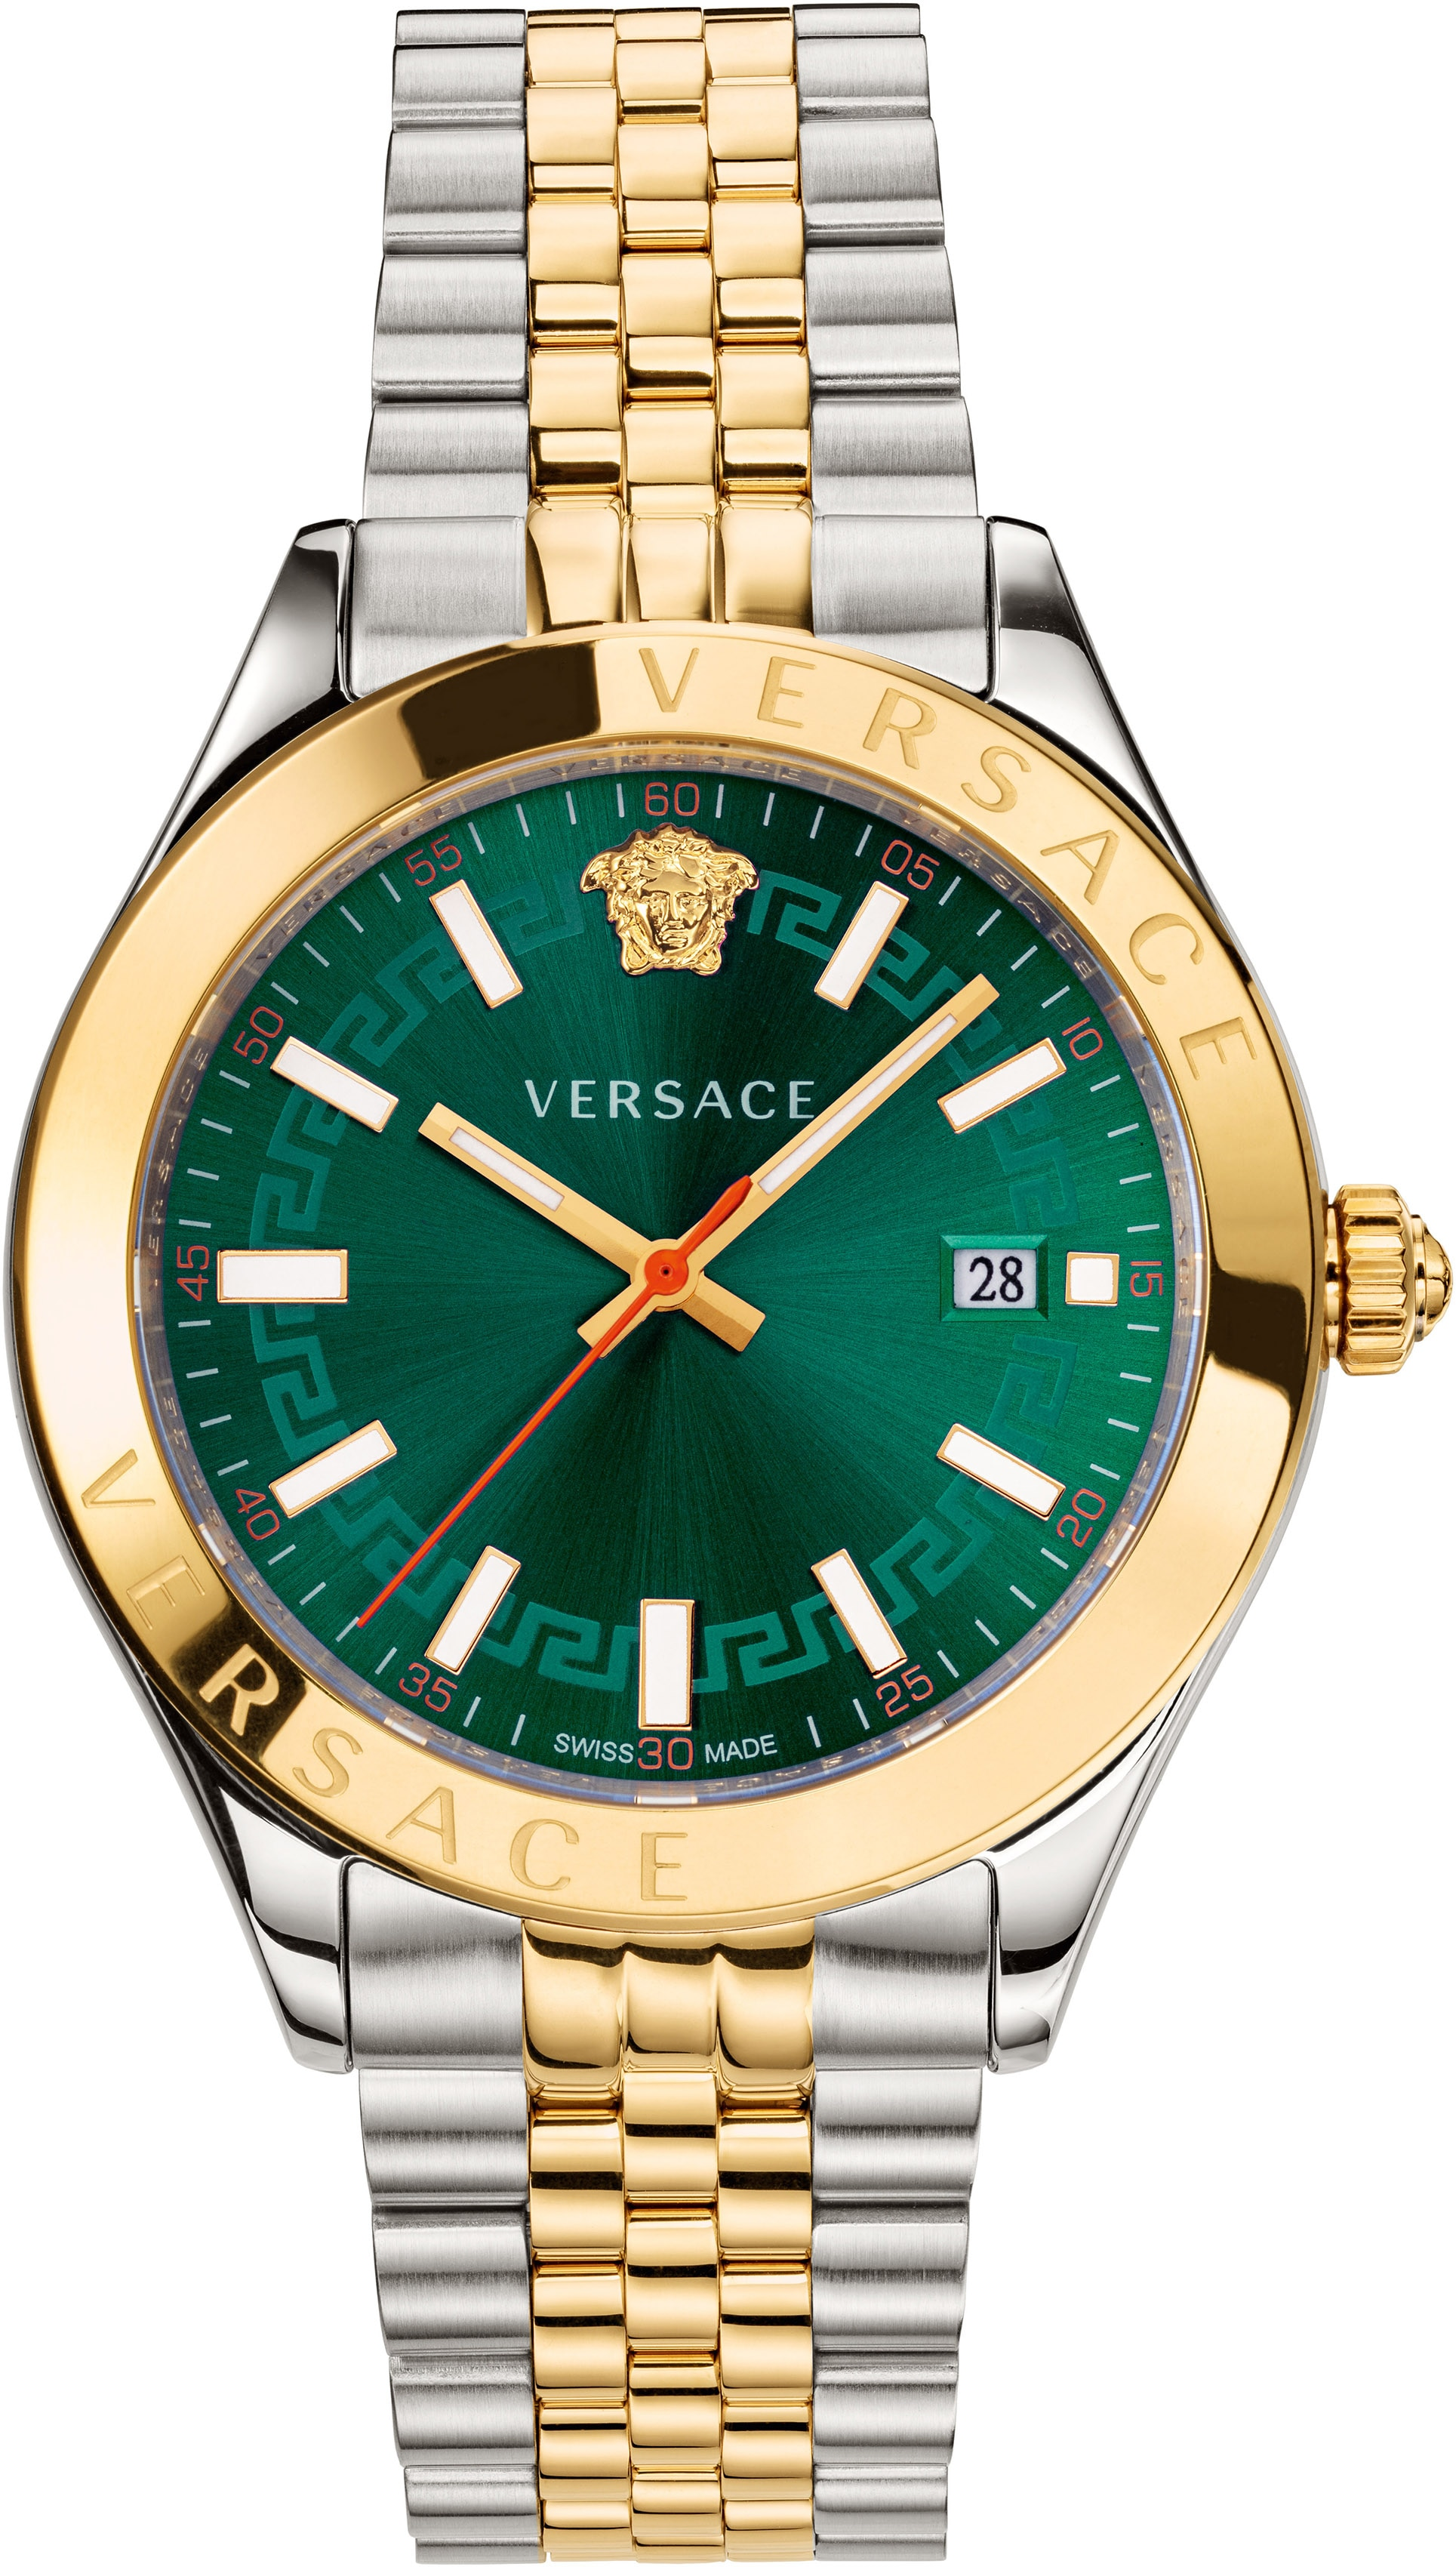 Versace Schweizer Uhr Hellenyium, VEVK00620 | Uhren > Schweizer Uhren | Versace